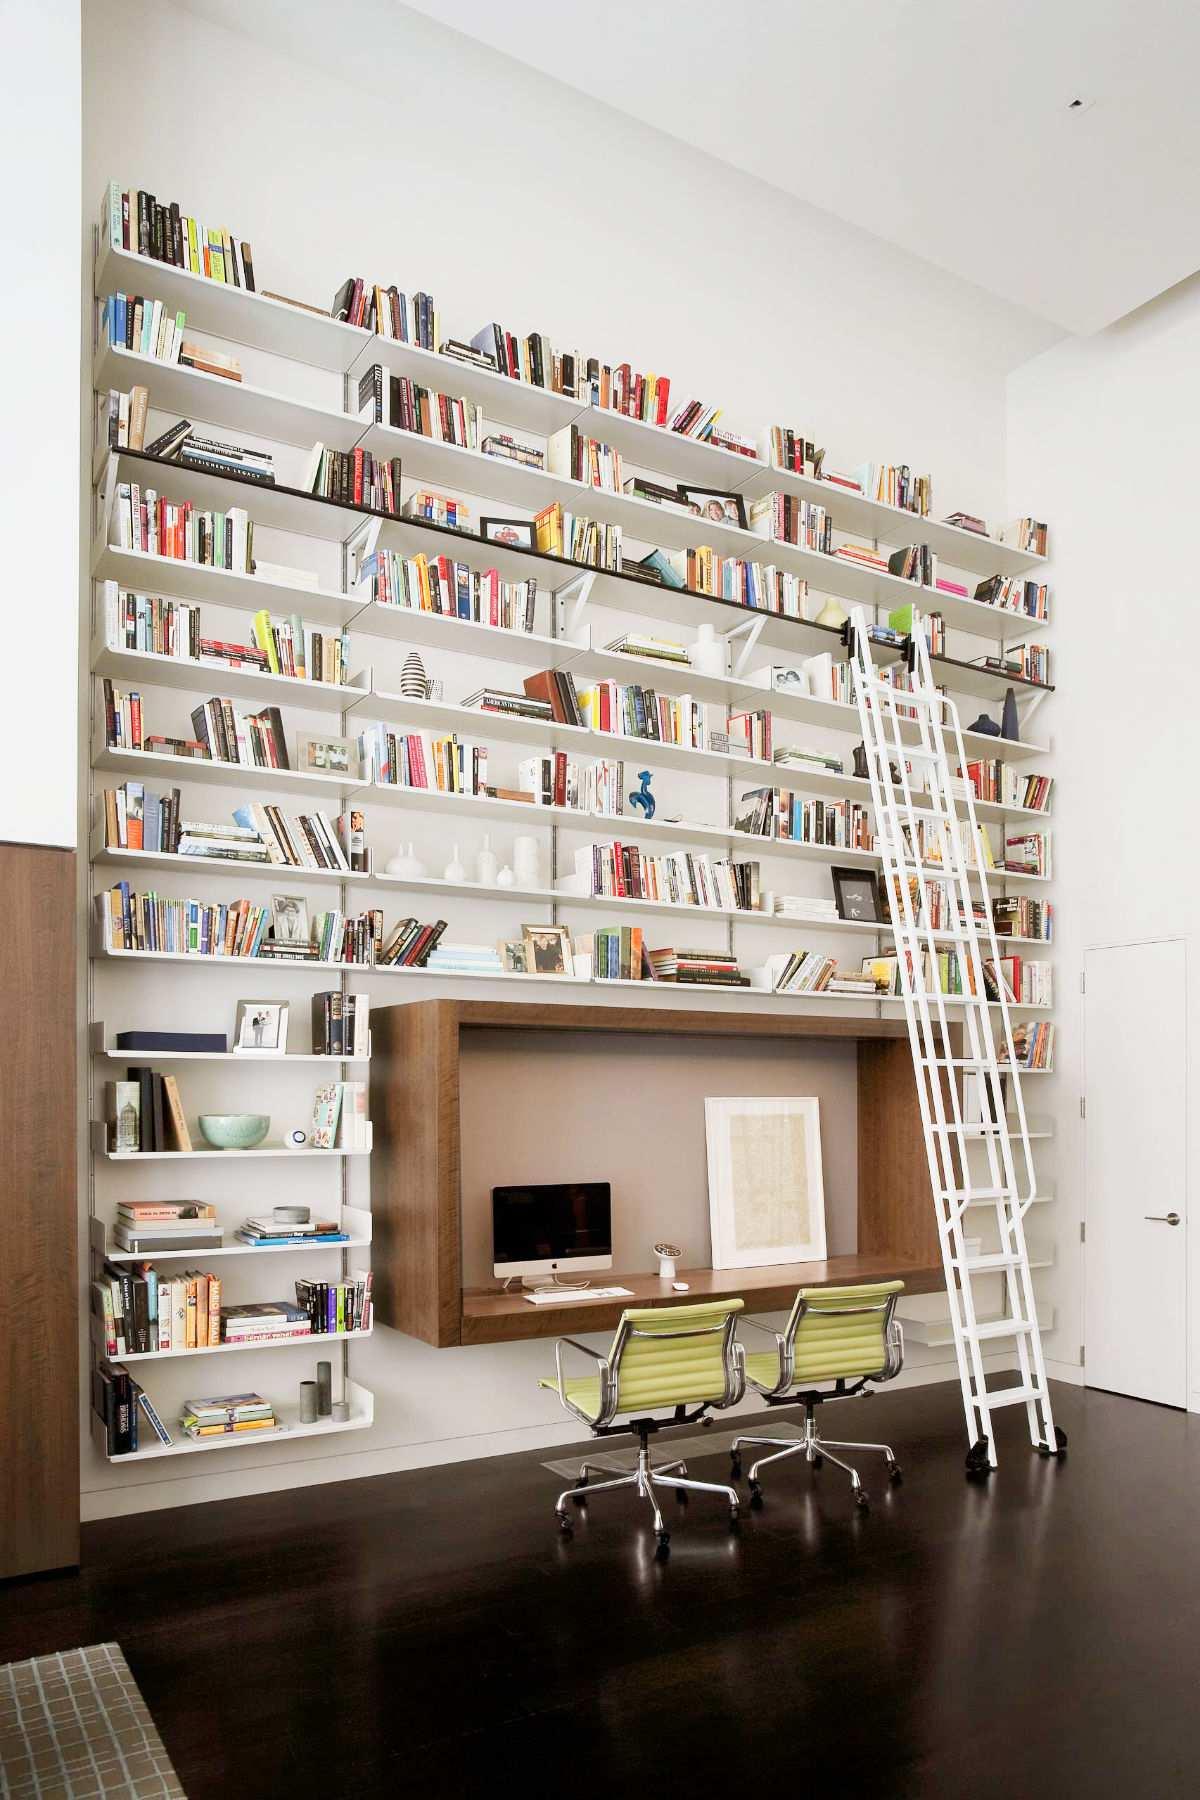 طراحی 50 نمونه دفتر کار مدرن خانگی با ایده های الهام بخش - Modern Home Office 43